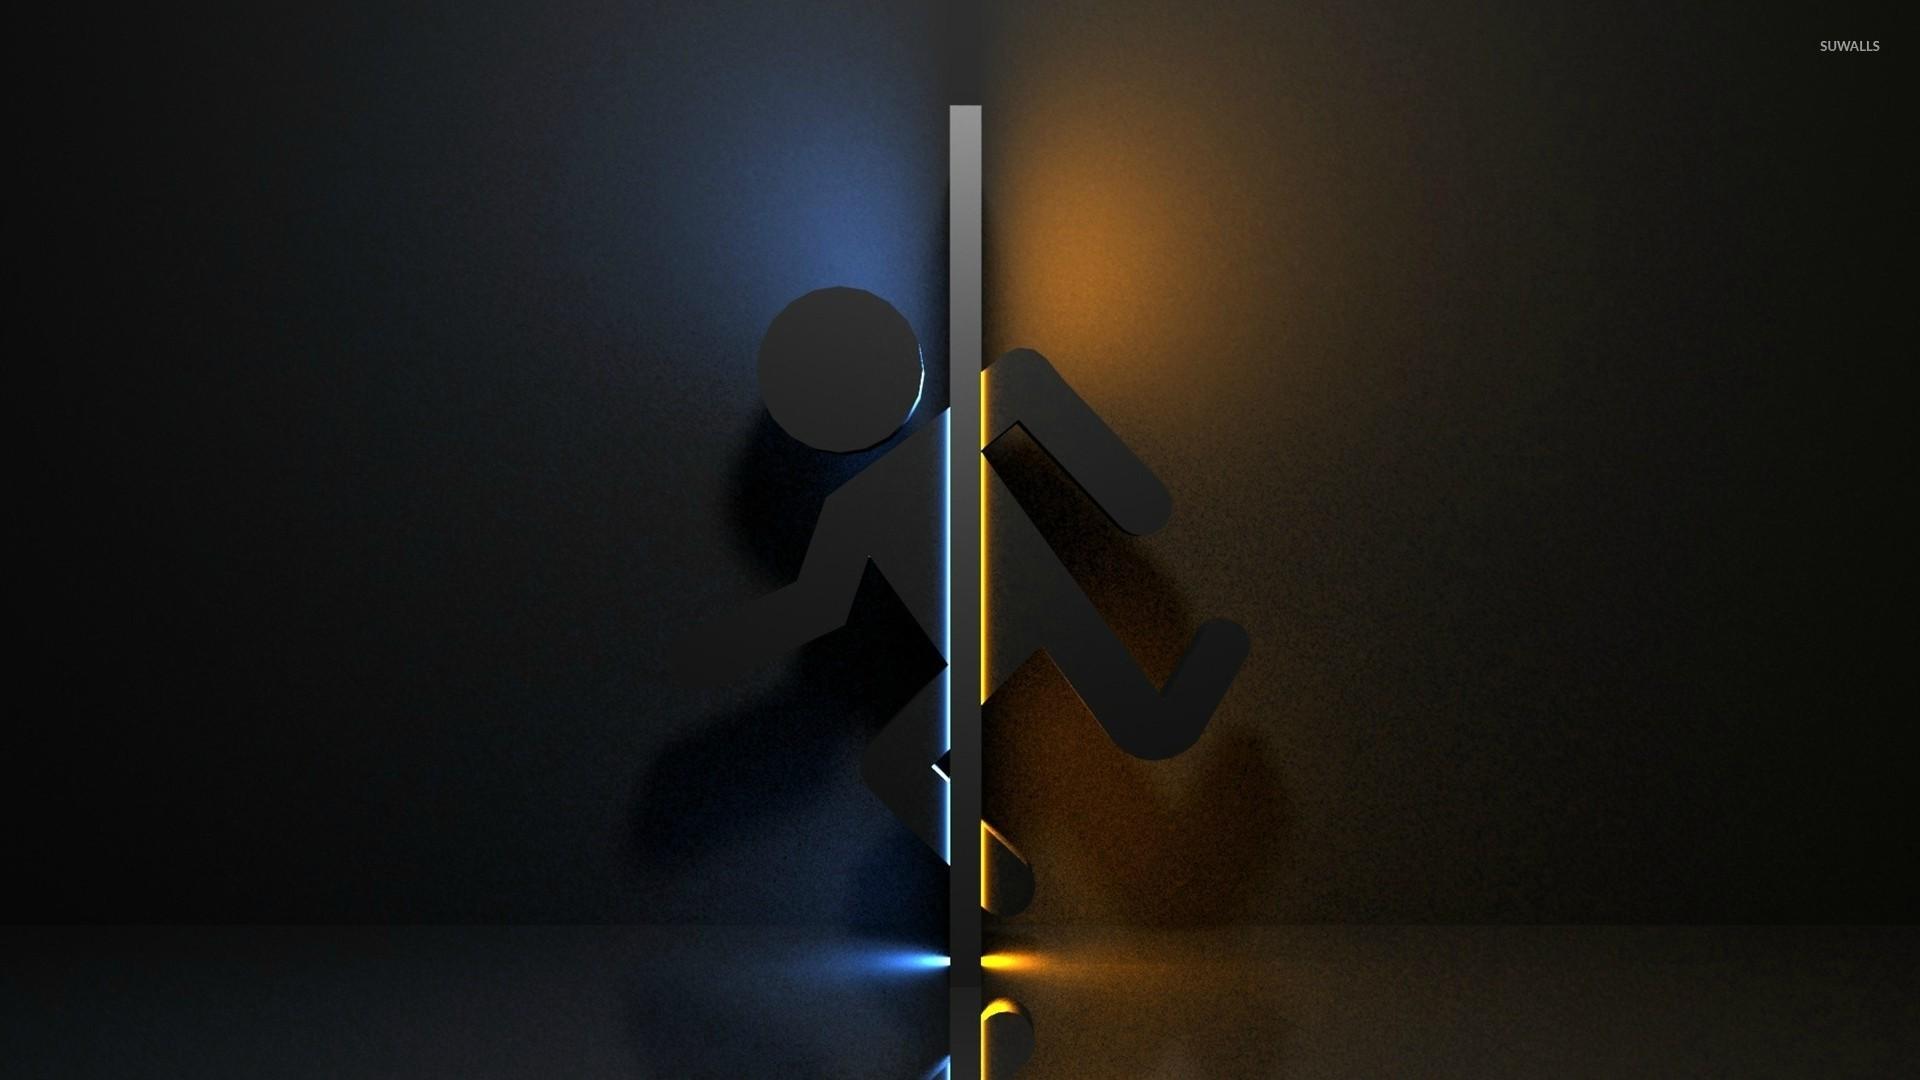 Portal 2 [11] wallpaper jpg